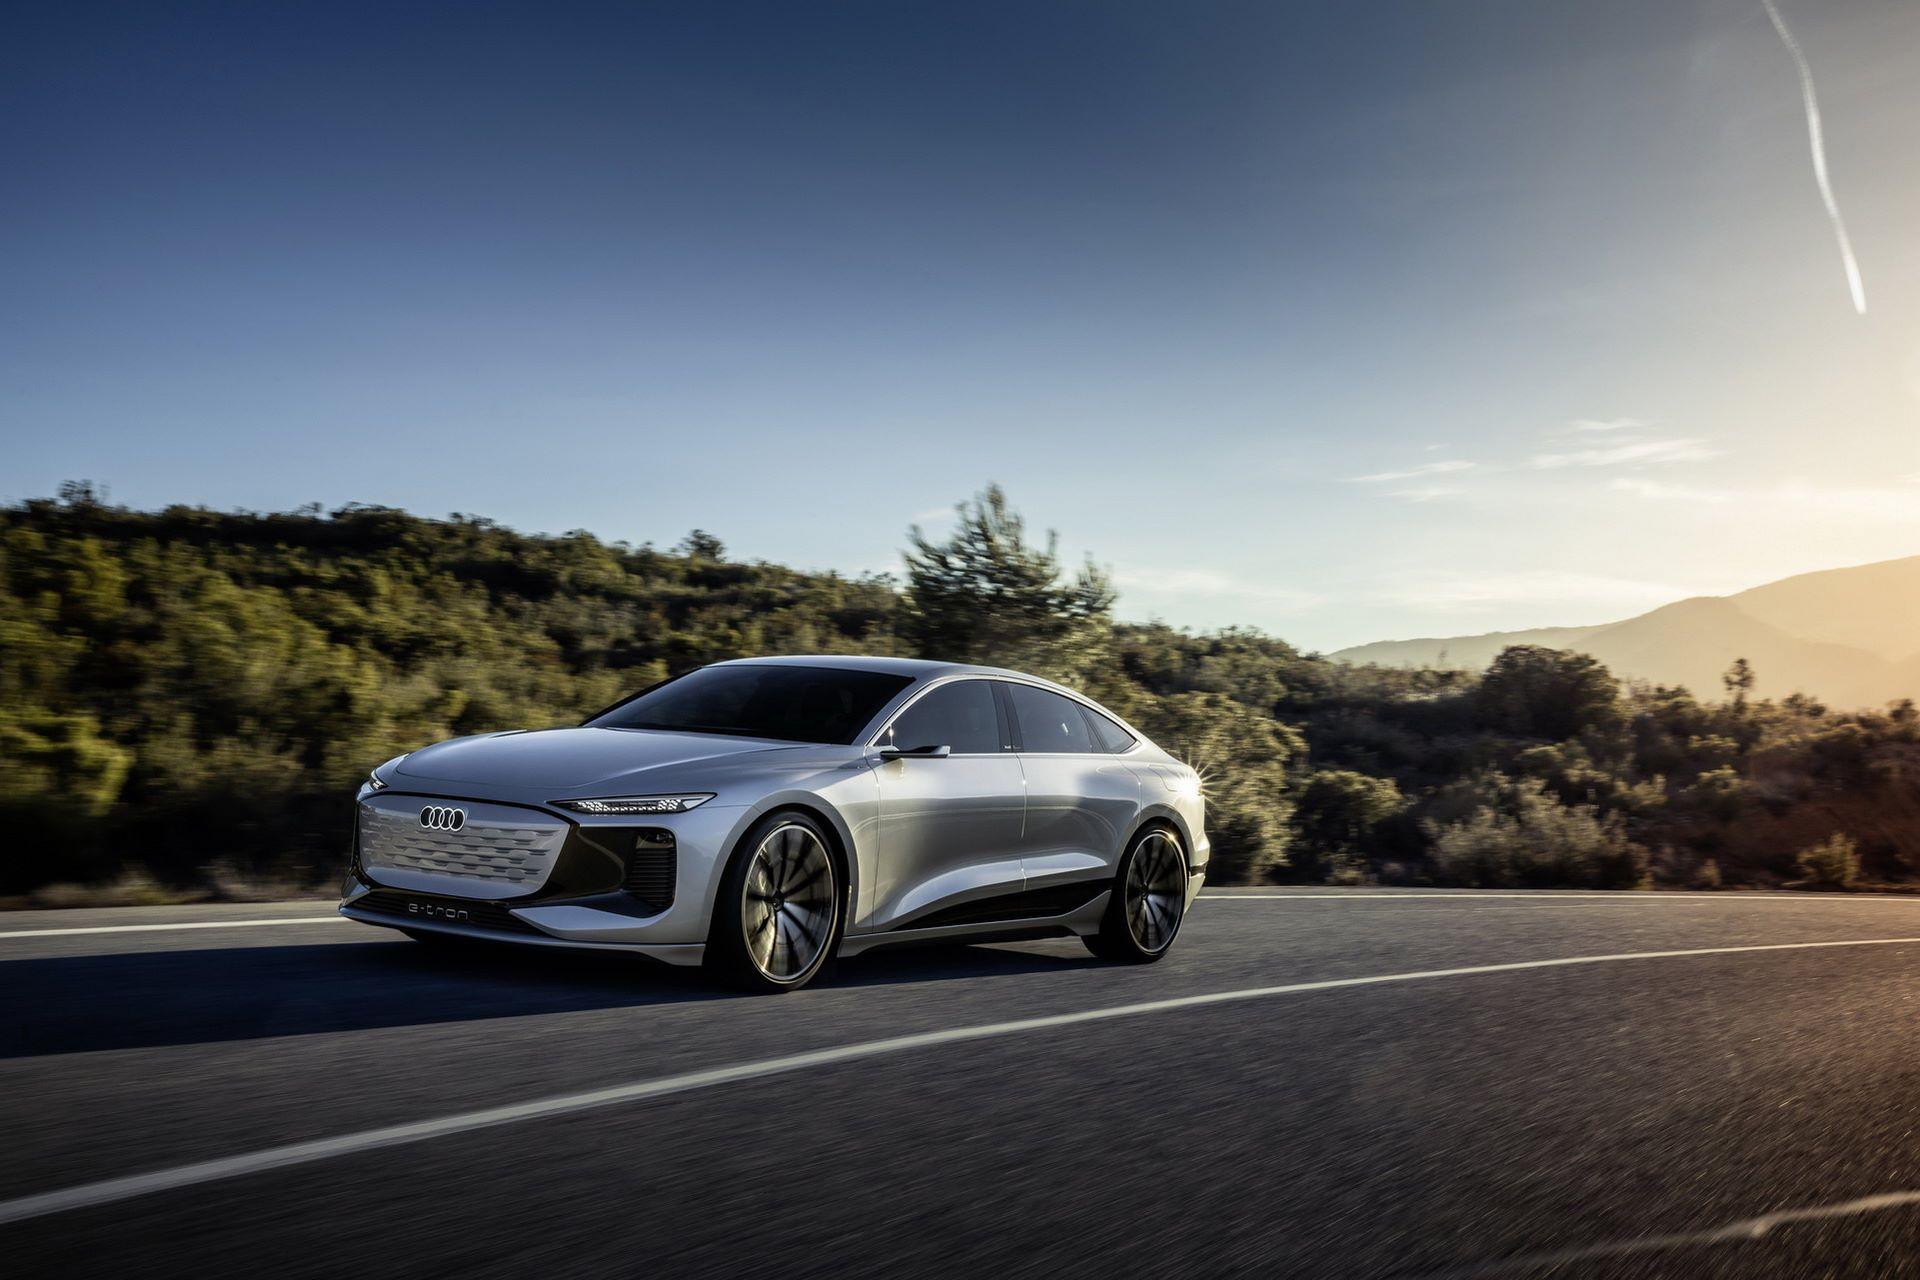 Audi-A6-e-tron-concept-6